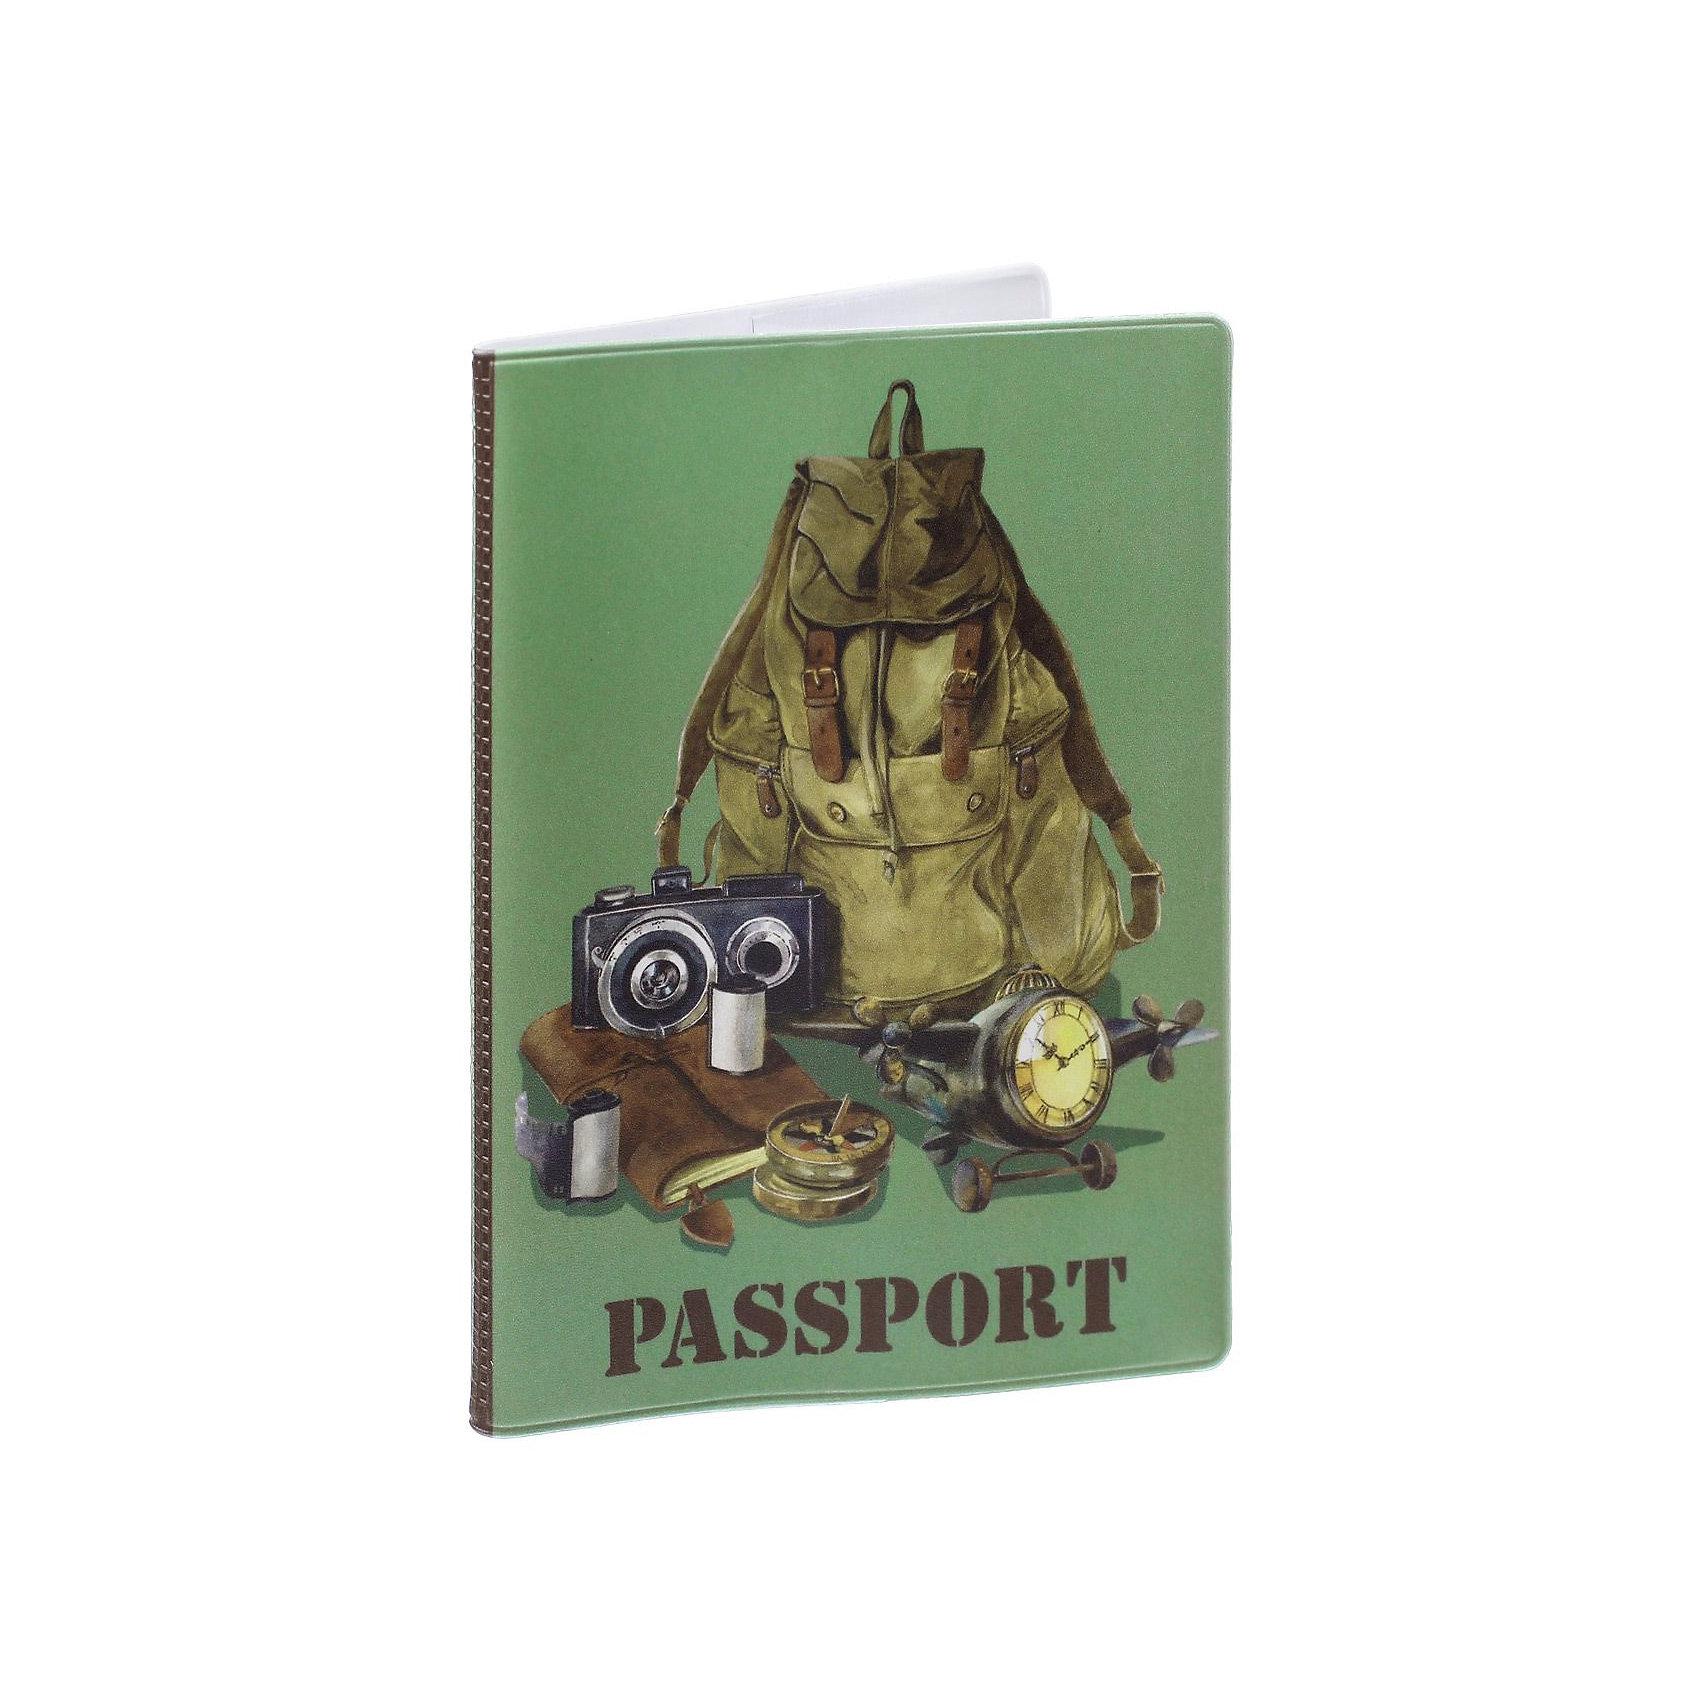 Обложка для паспорта Рюкзак путешественника, Феникс-ПрезентОбложка для паспорта Рюкзак путешественника. Изготовлено из качественного износоустойчивого материала (ПВХ)<br><br>Ширина мм: 133<br>Глубина мм: 191<br>Высота мм: 50<br>Вес г: 35<br>Возраст от месяцев: 168<br>Возраст до месяцев: 2147483647<br>Пол: Унисекс<br>Возраст: Детский<br>SKU: 5449597